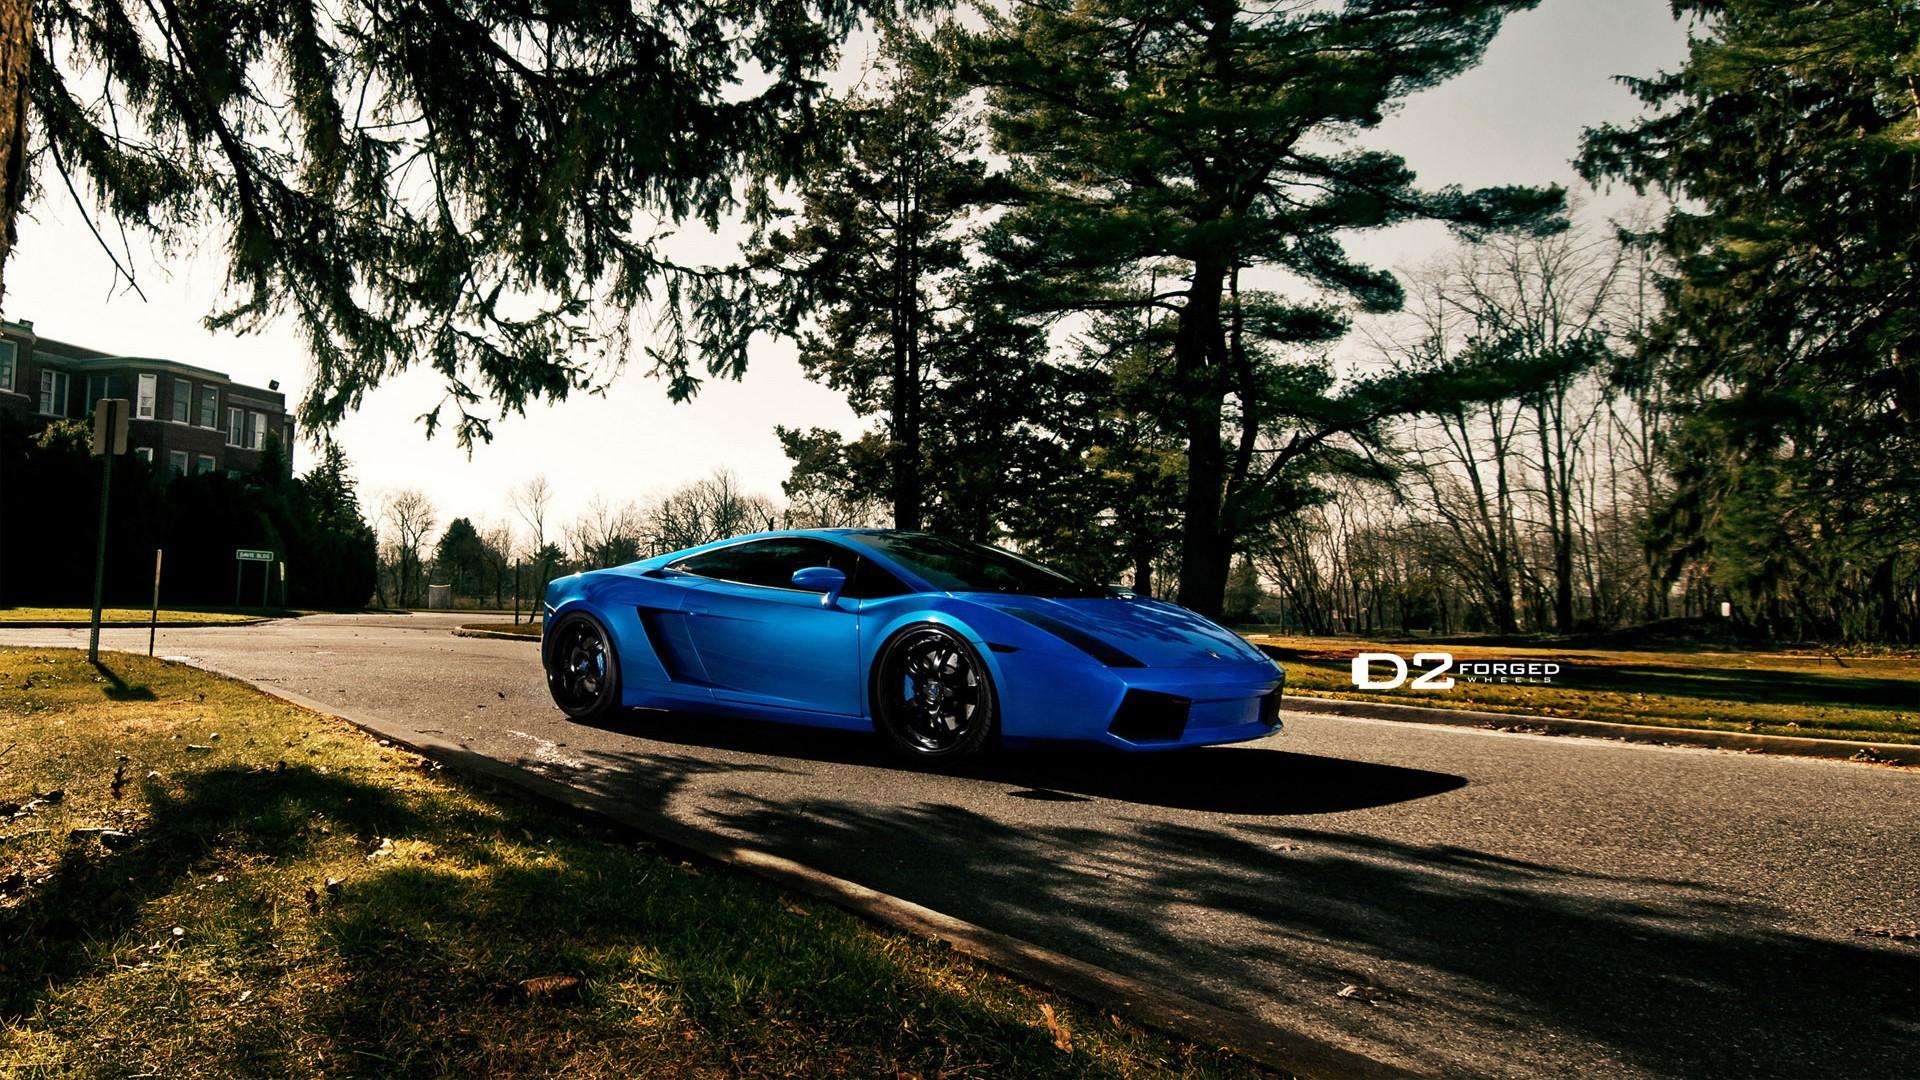 Car Wallpapers Lamborghini Gallardo Lamborghini Gallardo D2forged Vs6 Wheels 5 Wallpaper Hd